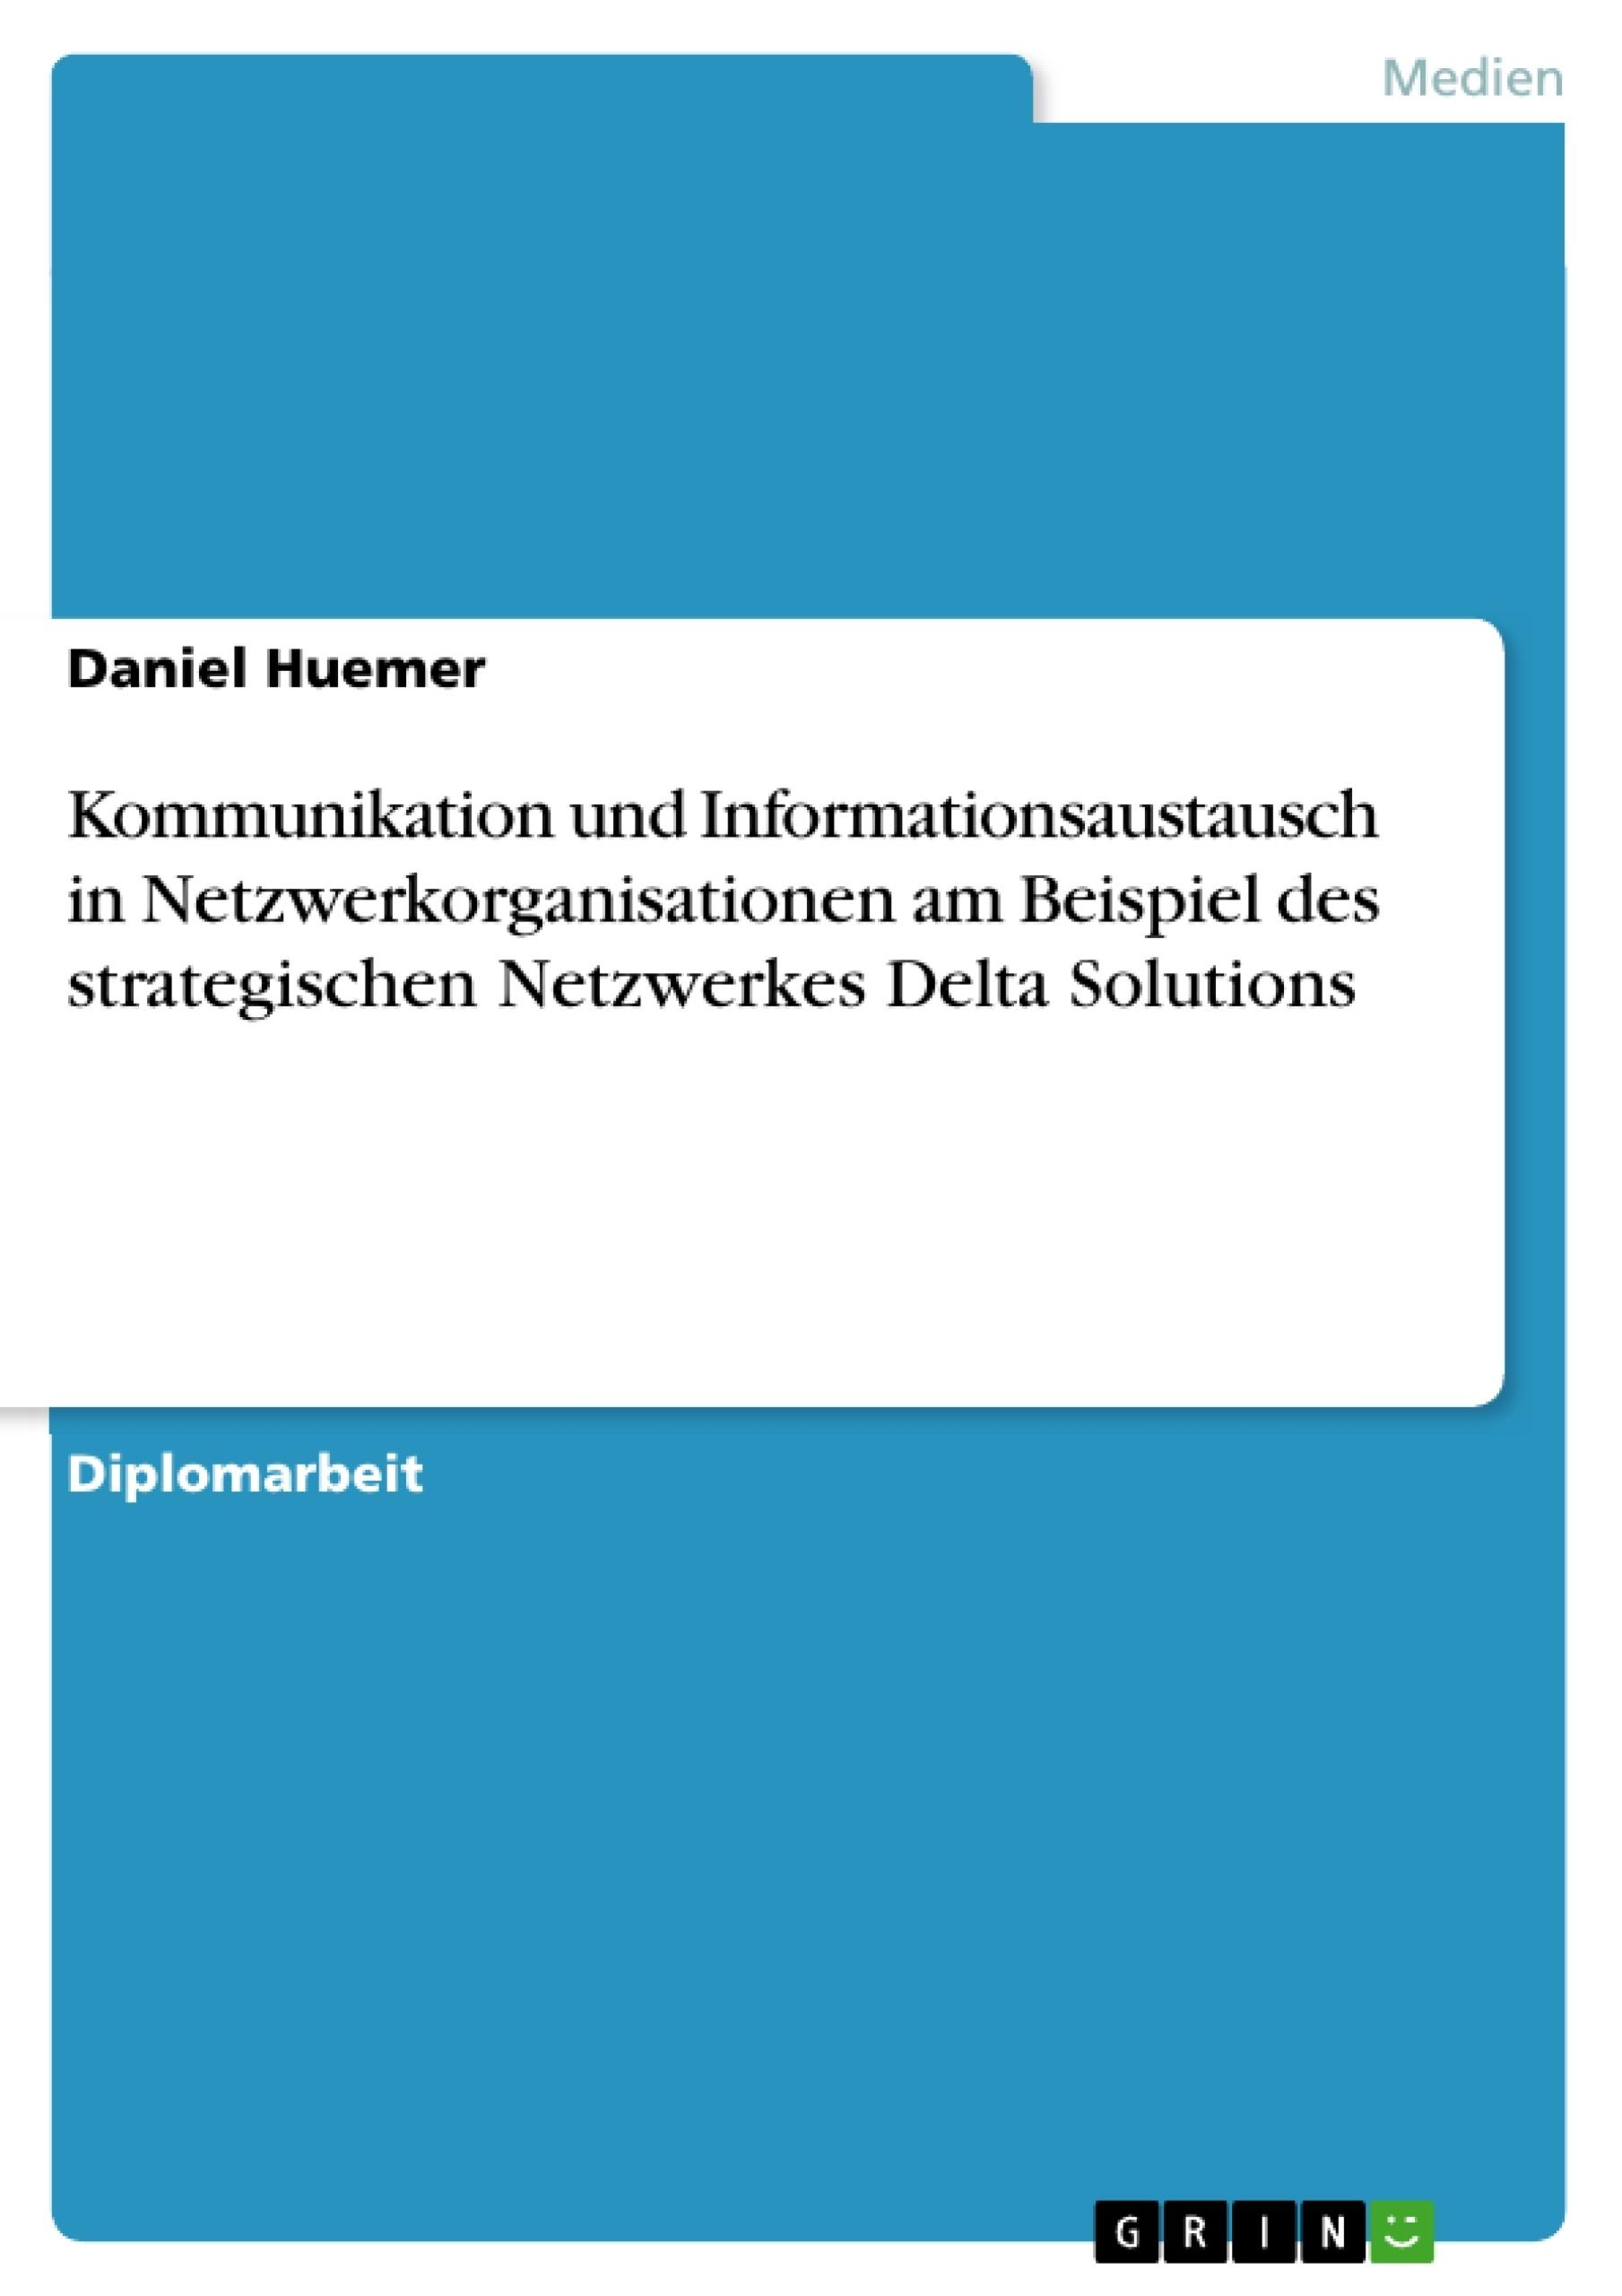 Titel: Kommunikation und Informationsaustausch in Netzwerkorganisationen am Beispiel des strategischen Netzwerkes Delta Solutions